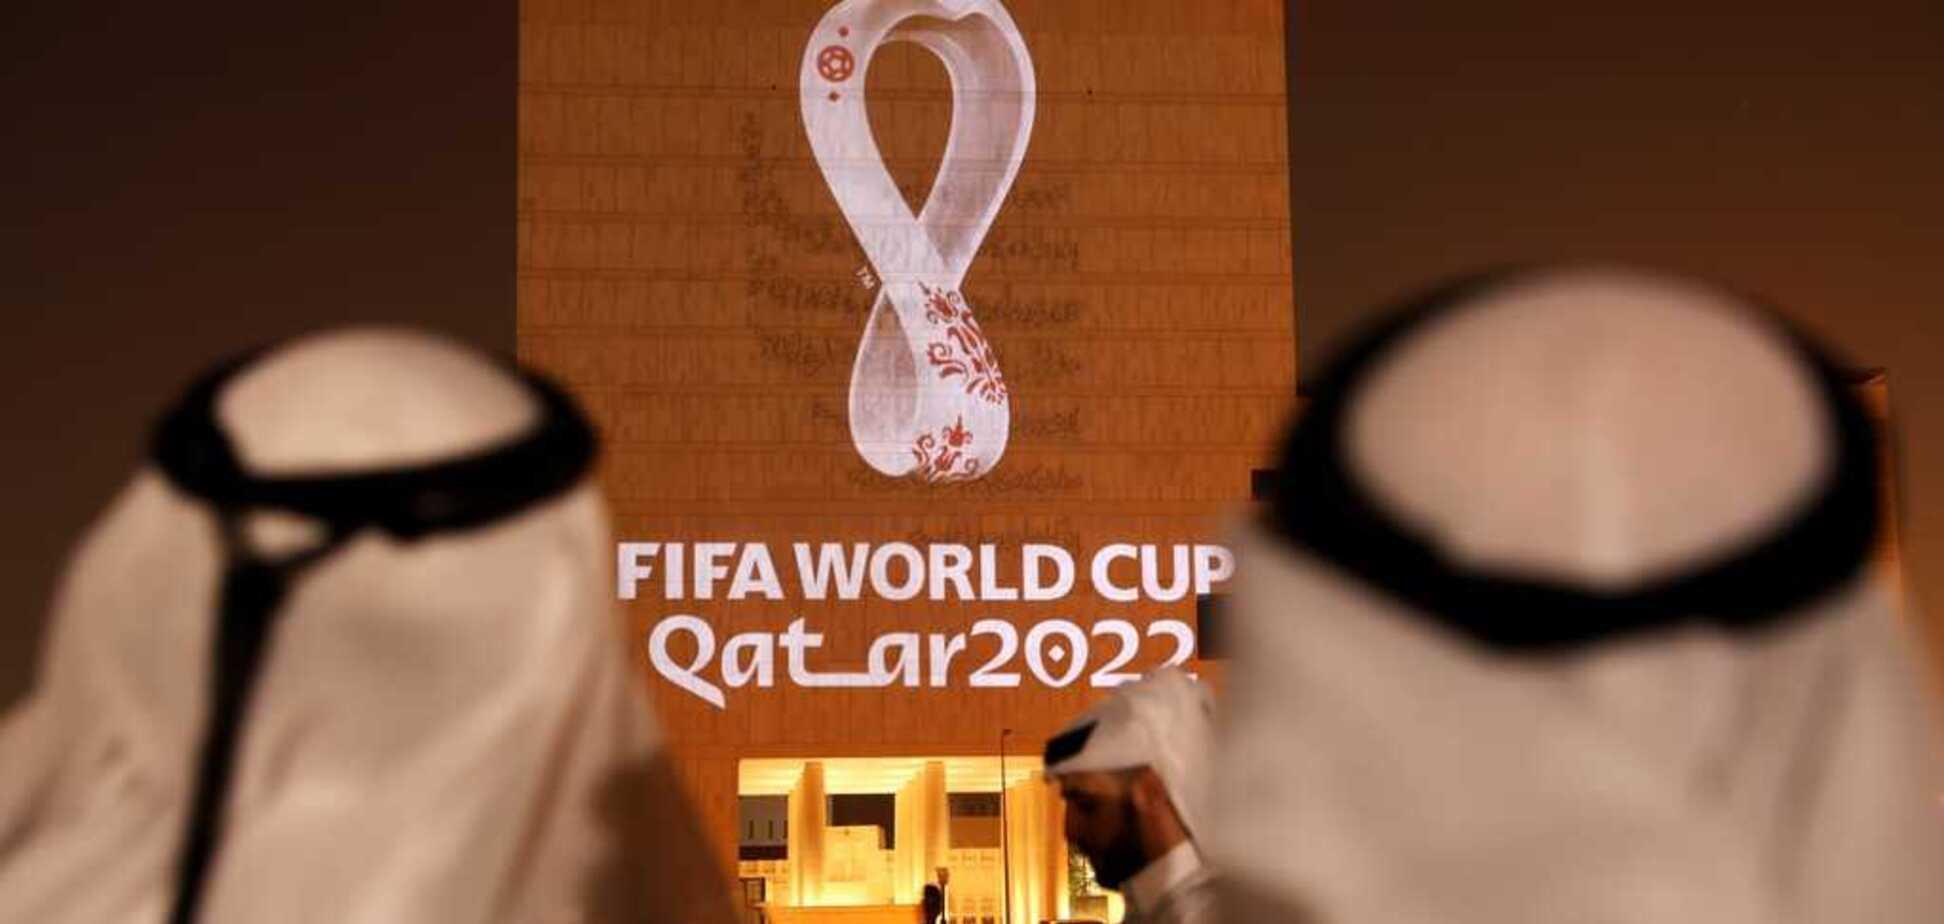 ФИФА пошла на беспрецедентный шаг по ЧМ-2022